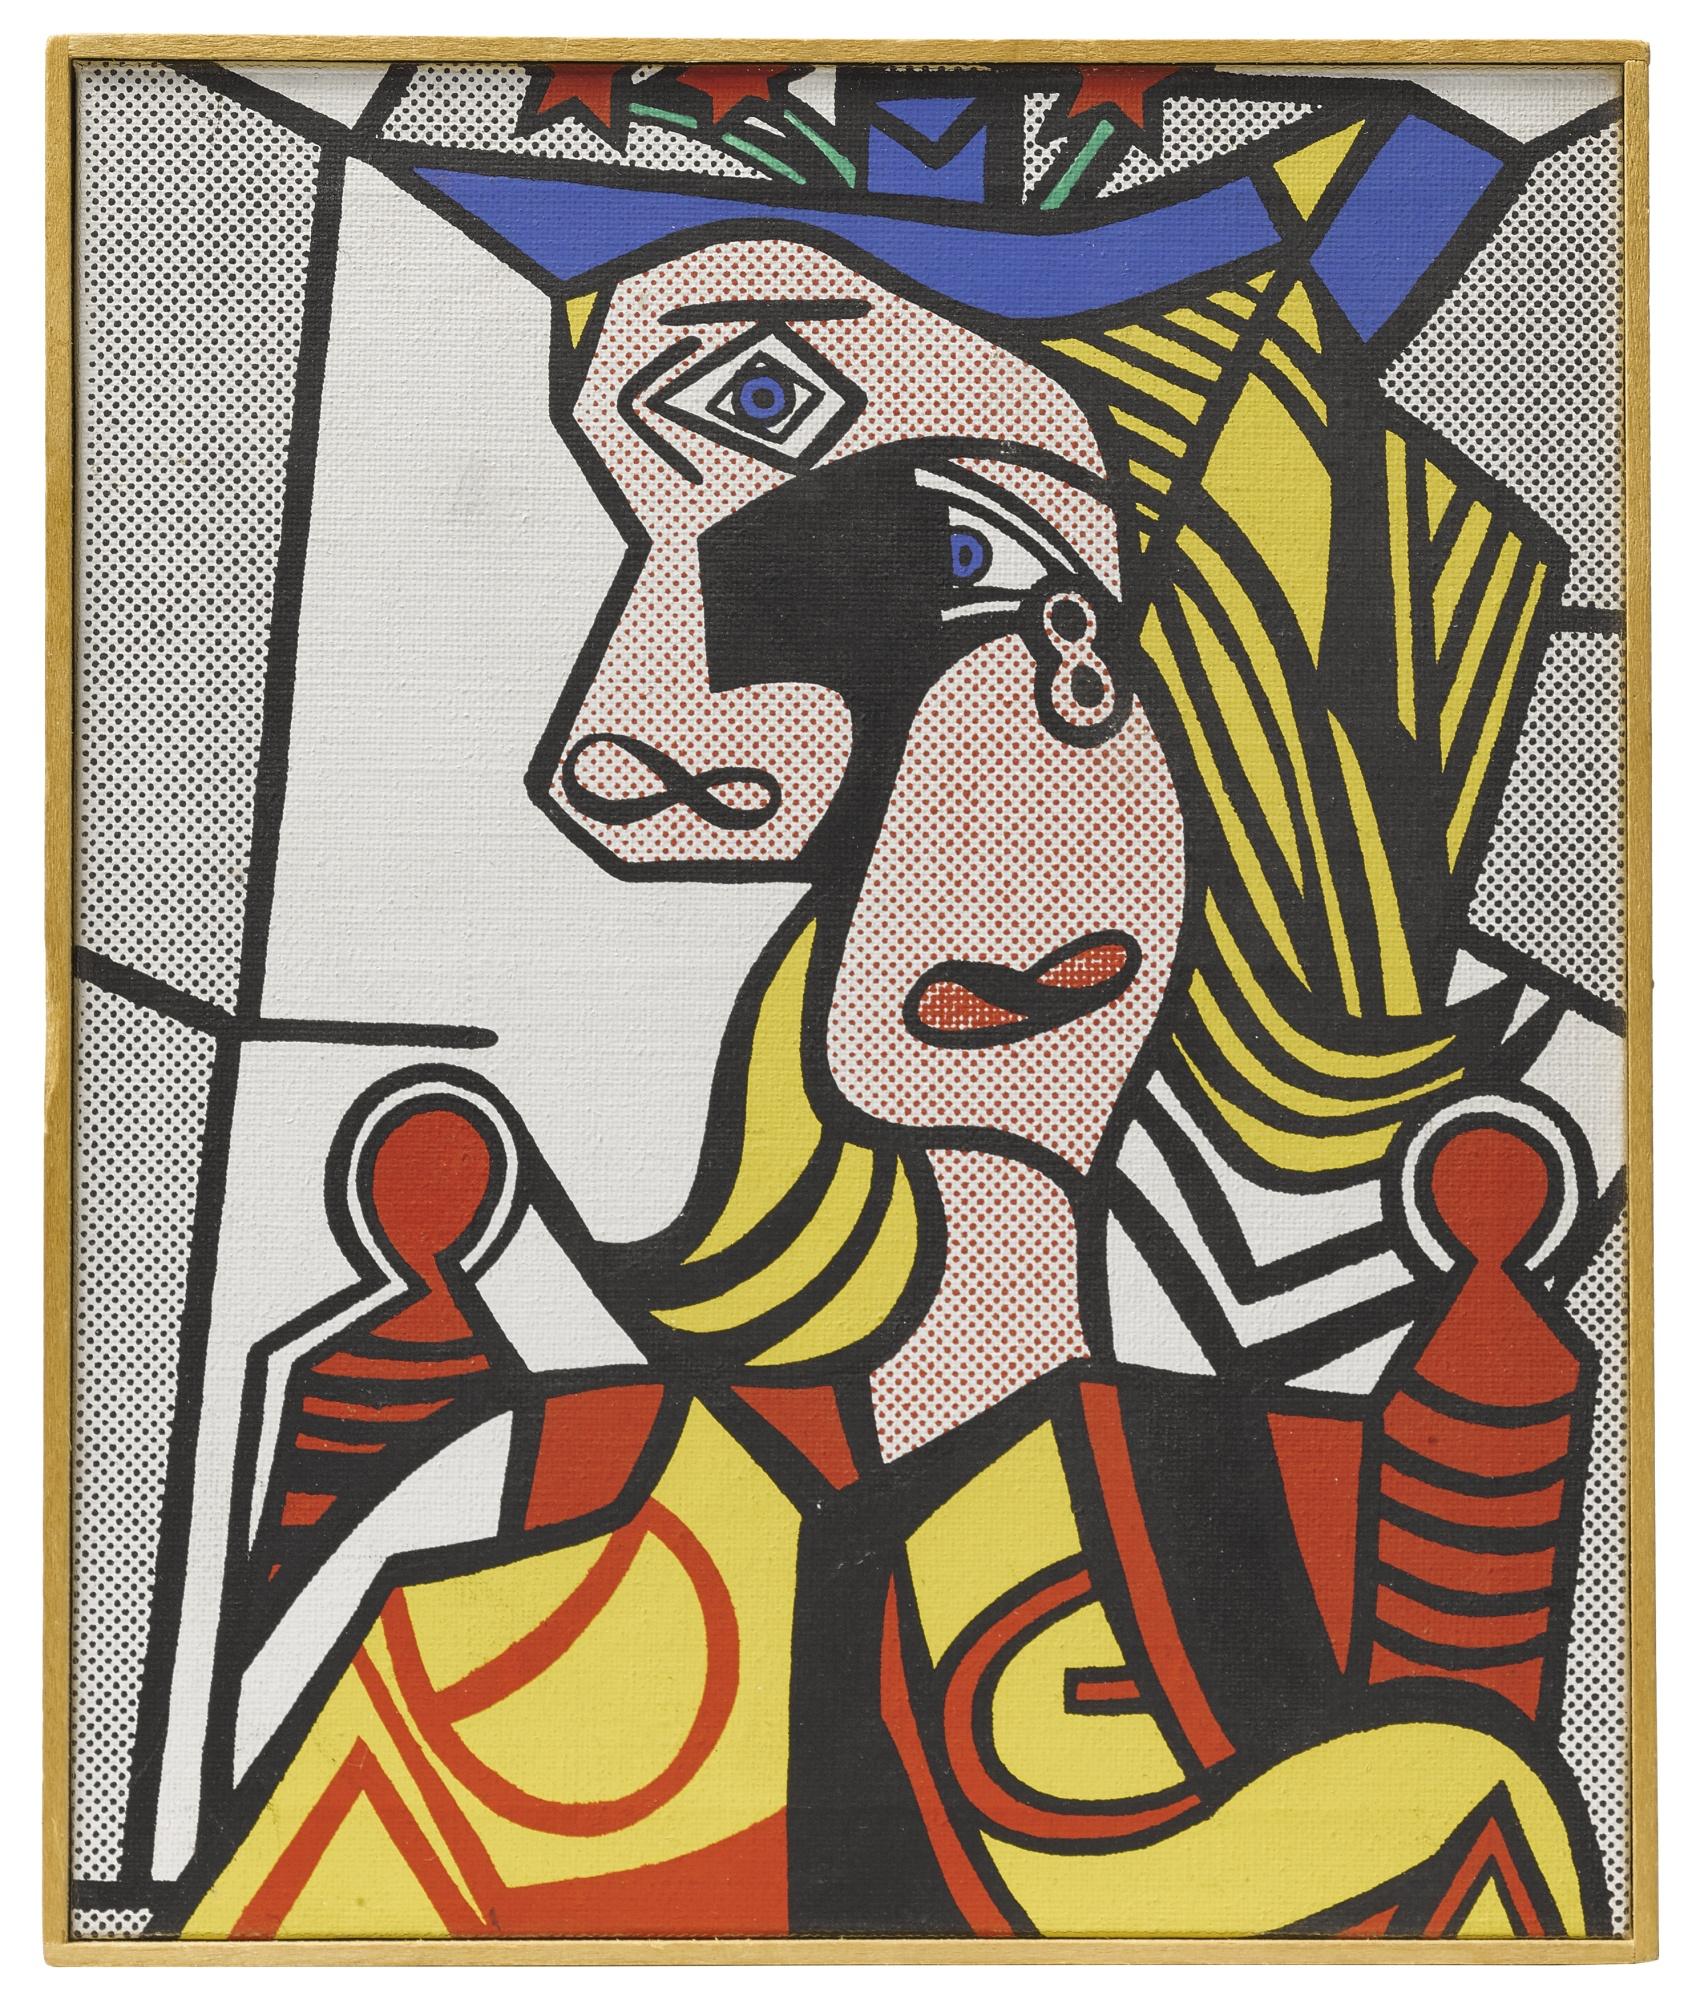 Richard Pettibone-Roy Lichtenstein, Woman With Flowered Hat, 1968-1970